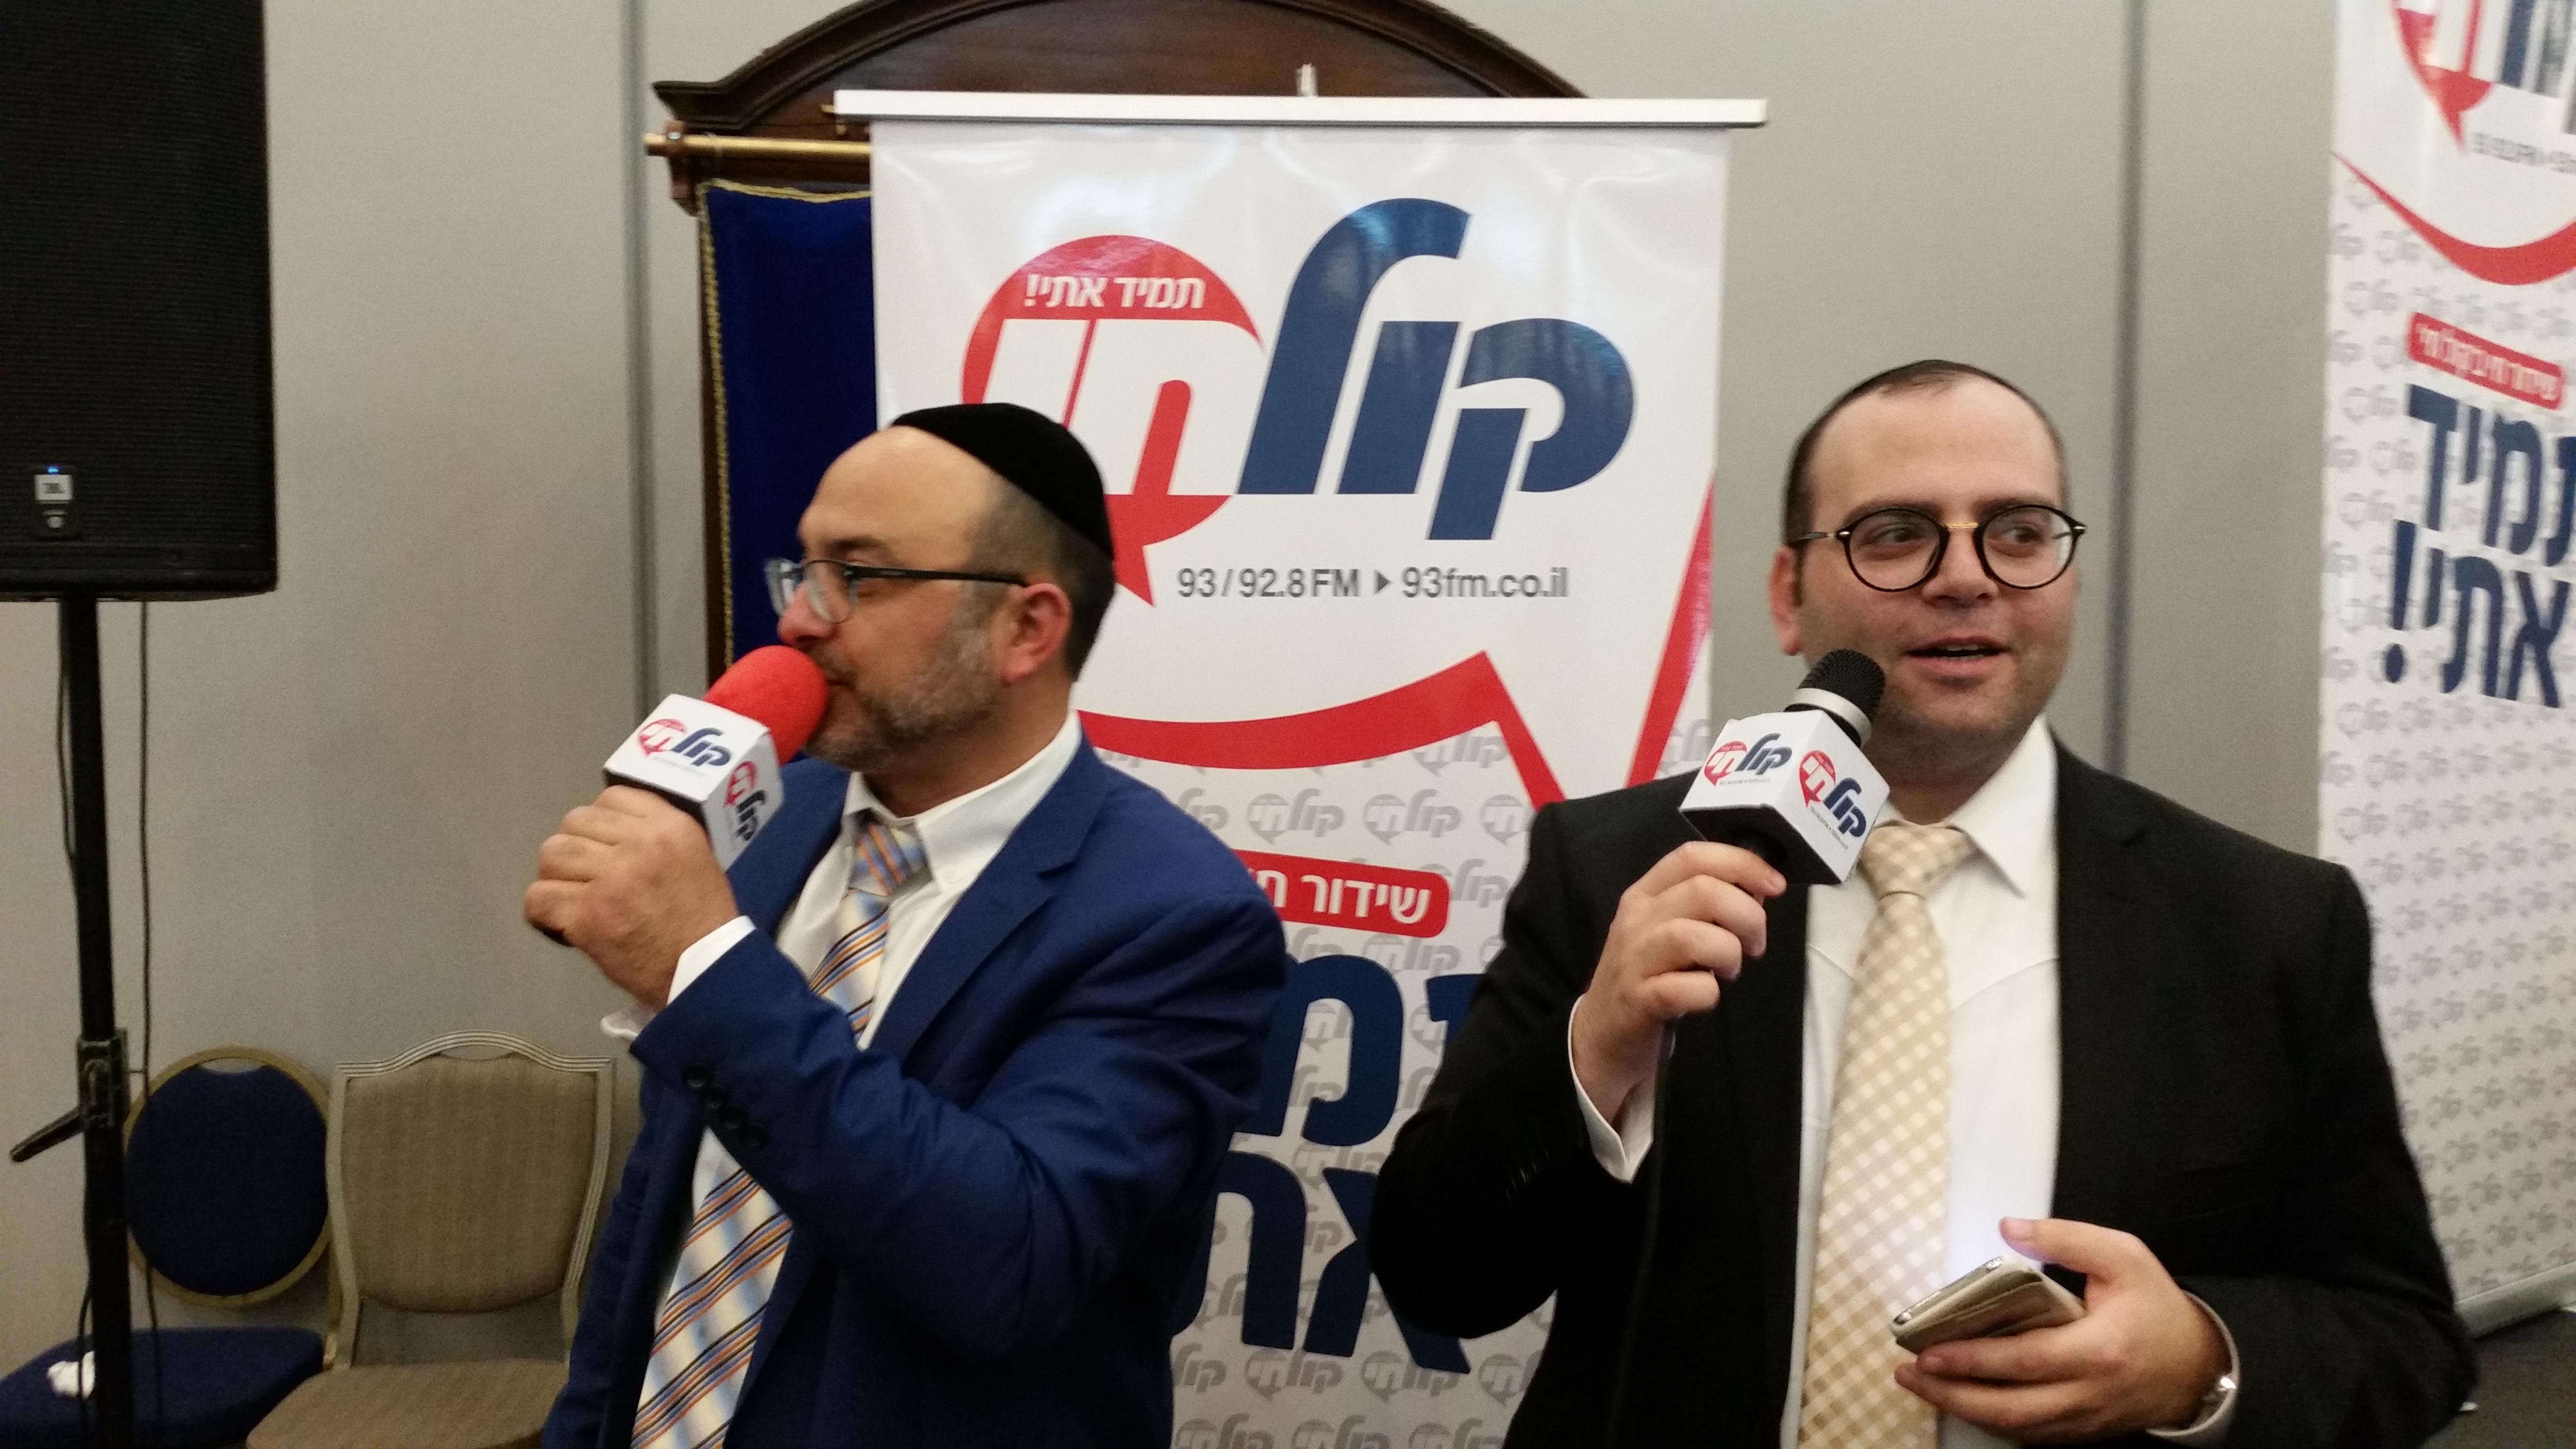 אלעד כהן יהודה שוקרון